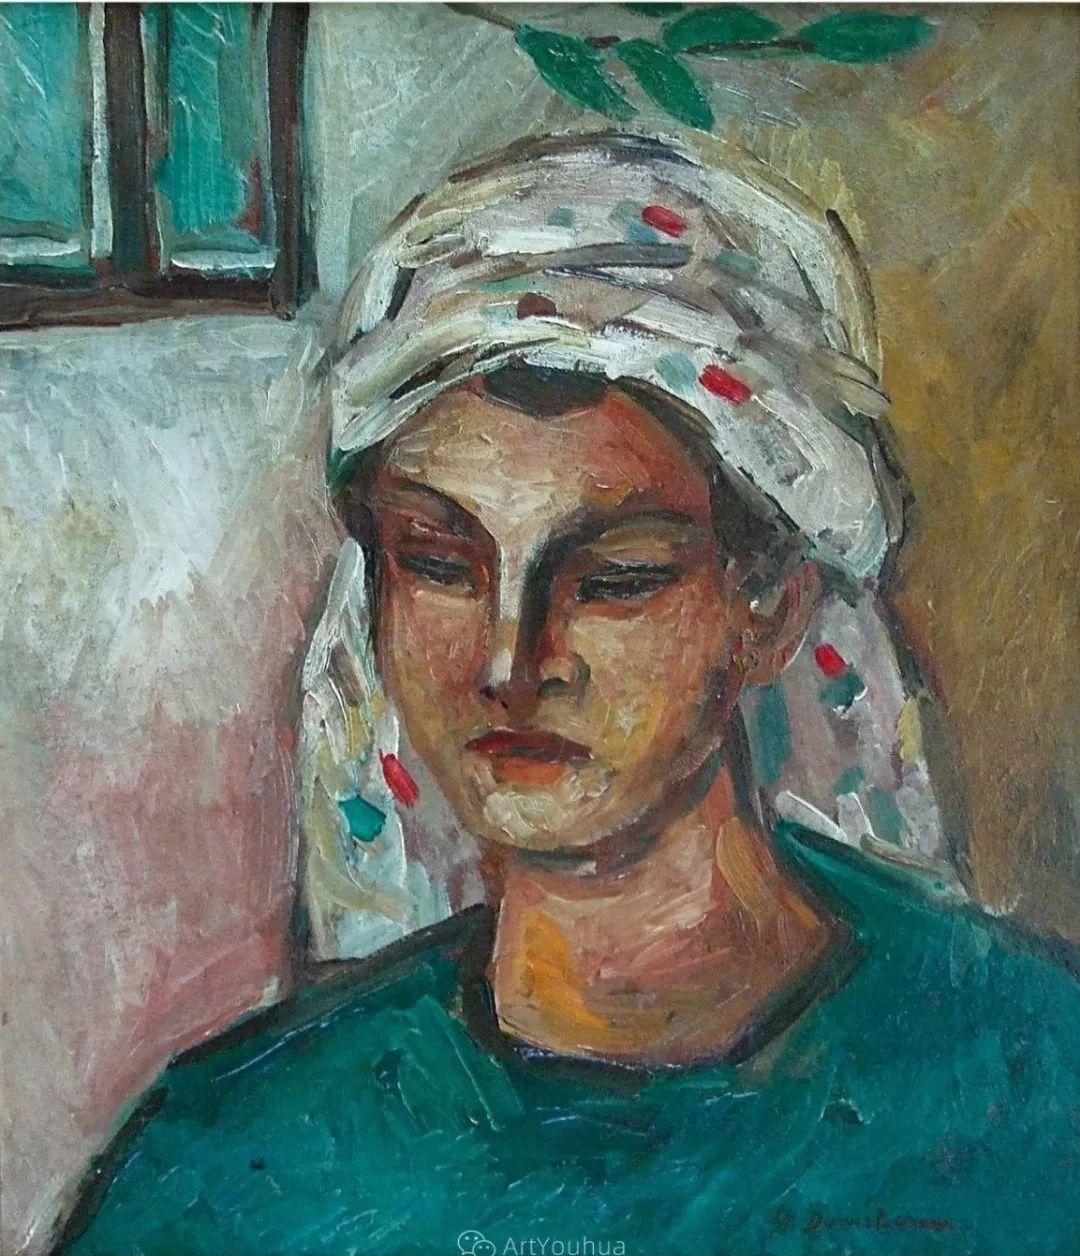 罗马尼亚美术协会的创始人之一——斯蒂芬·迪米特雷斯库插图19